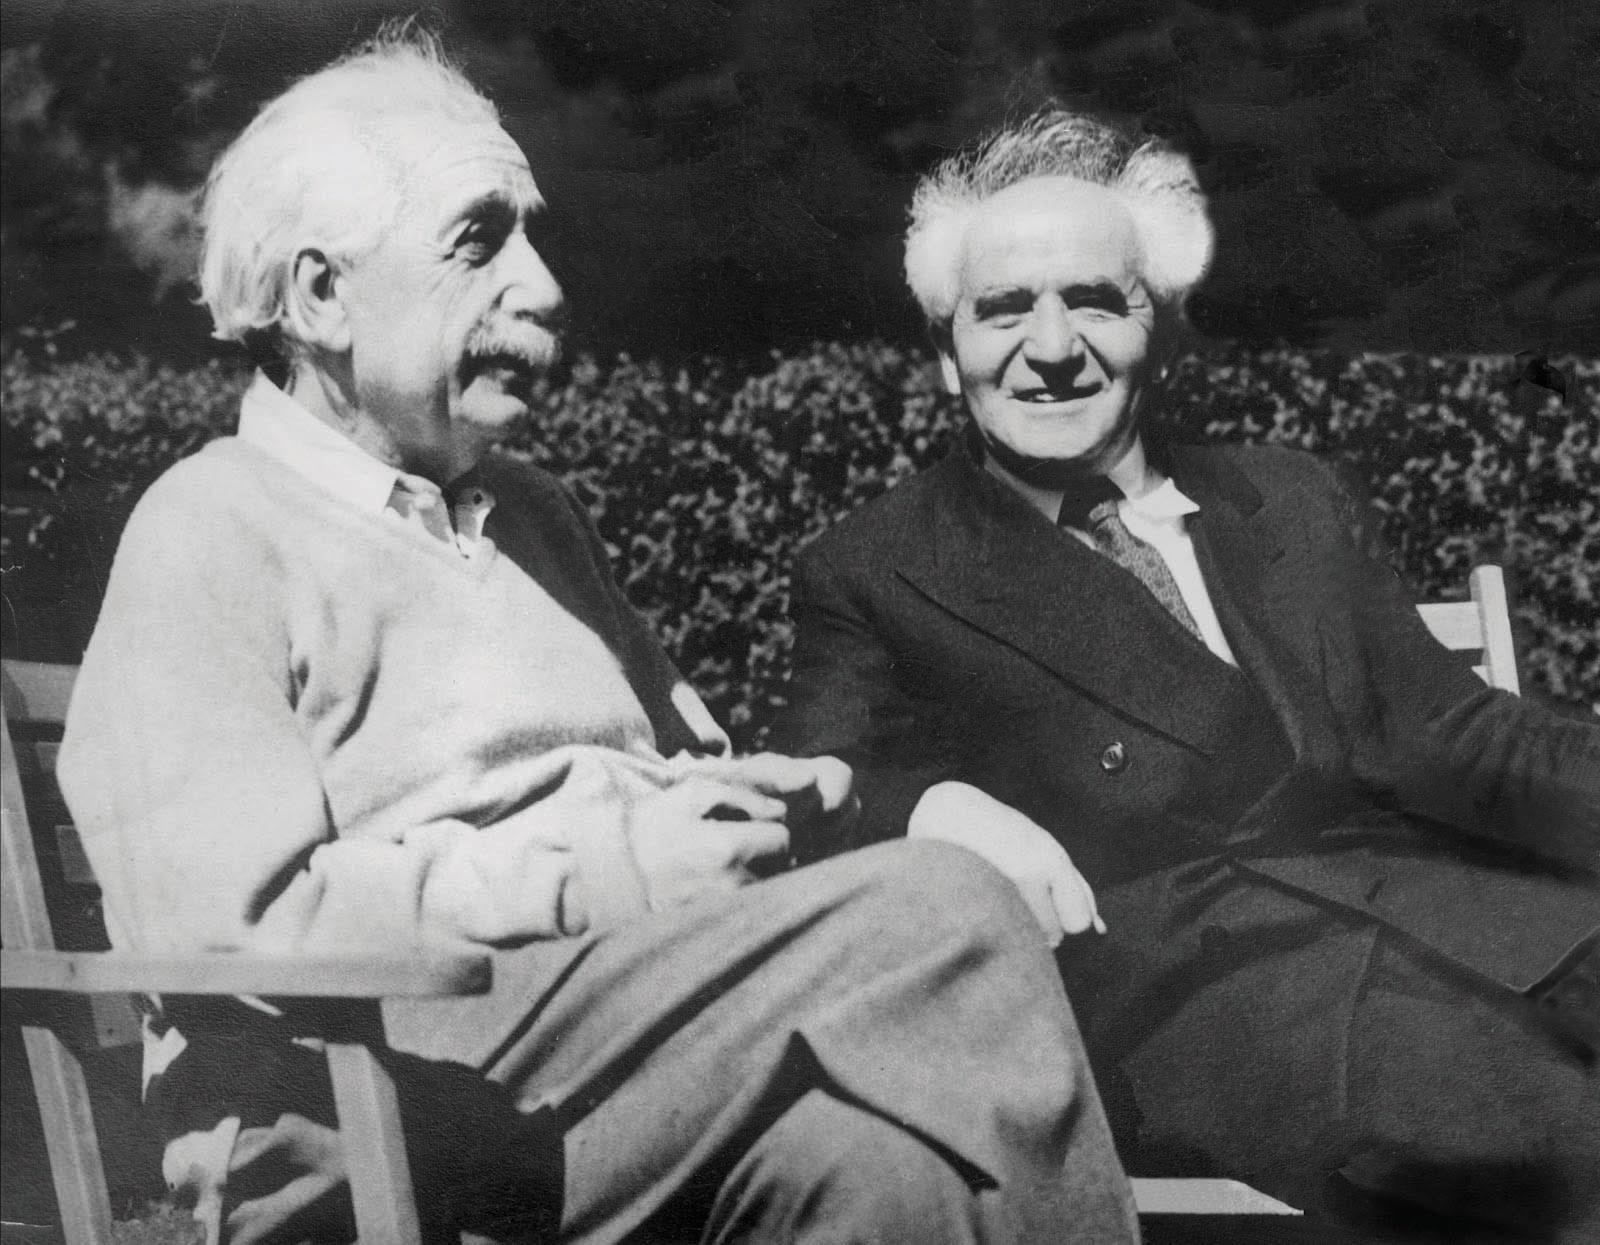 אהדה גלויה לציונות שלא הבשילה לכדי פעילות מעשית. דוד בן גוריון בחברת איינשטיין במפגש בארצות הברית, קיץ 1984